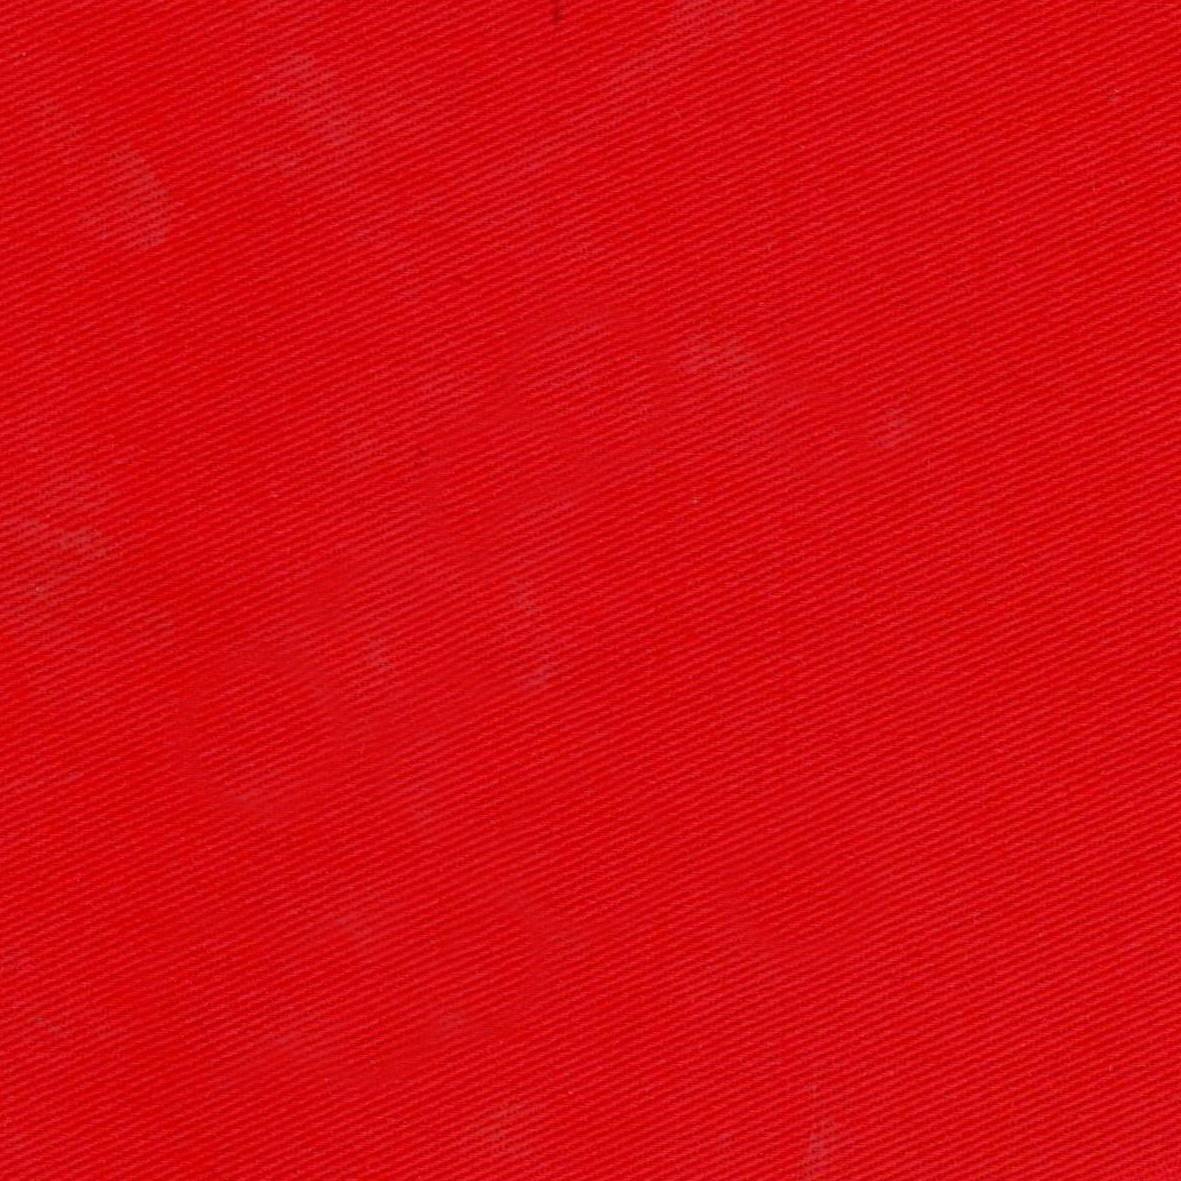 911-Czerwony